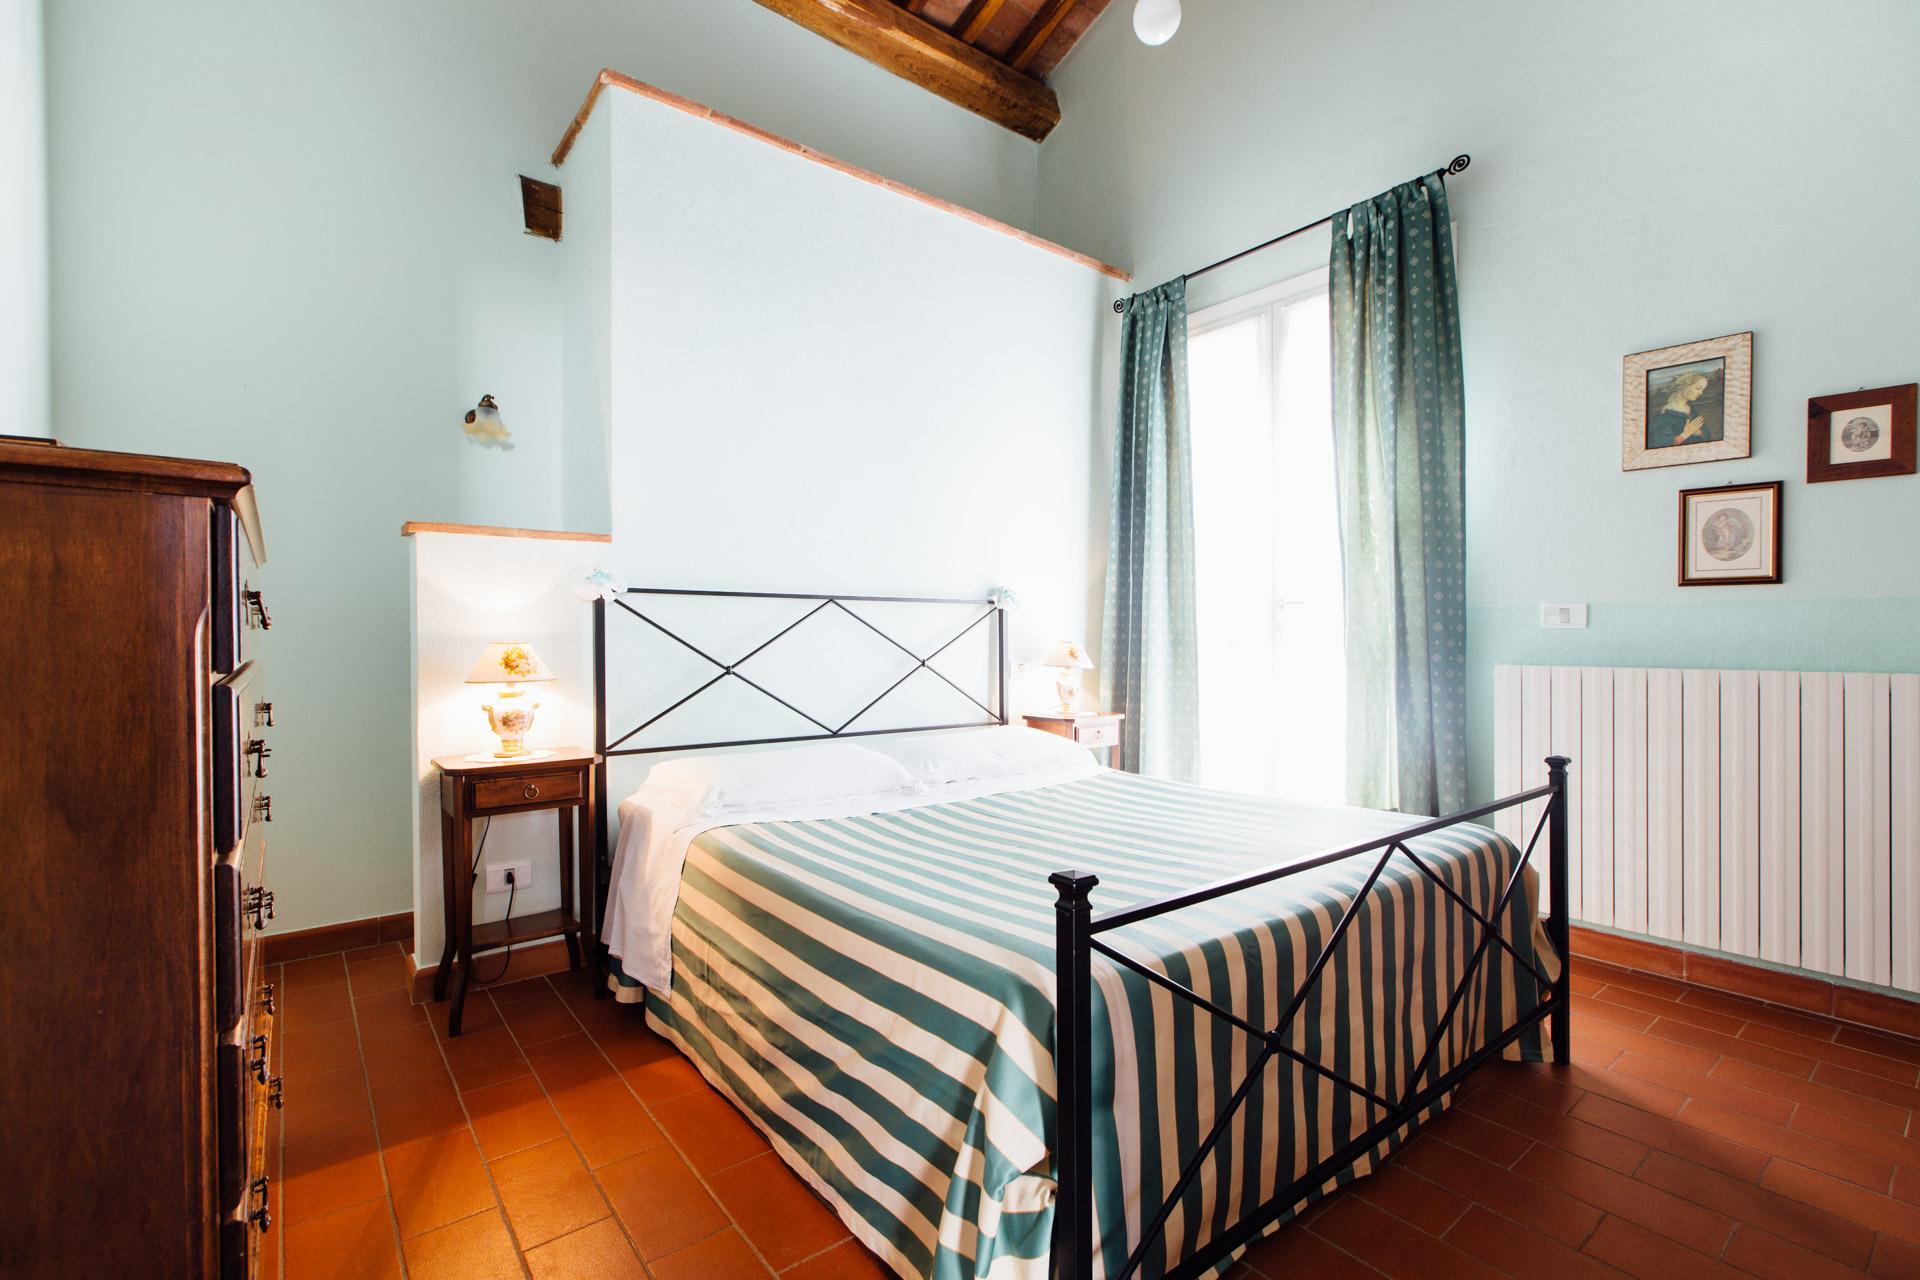 Camera dell'Appartamento Albatro Agriturismo a Grosseto con Piscina - Agriturismo La Quercia vicino al Mare